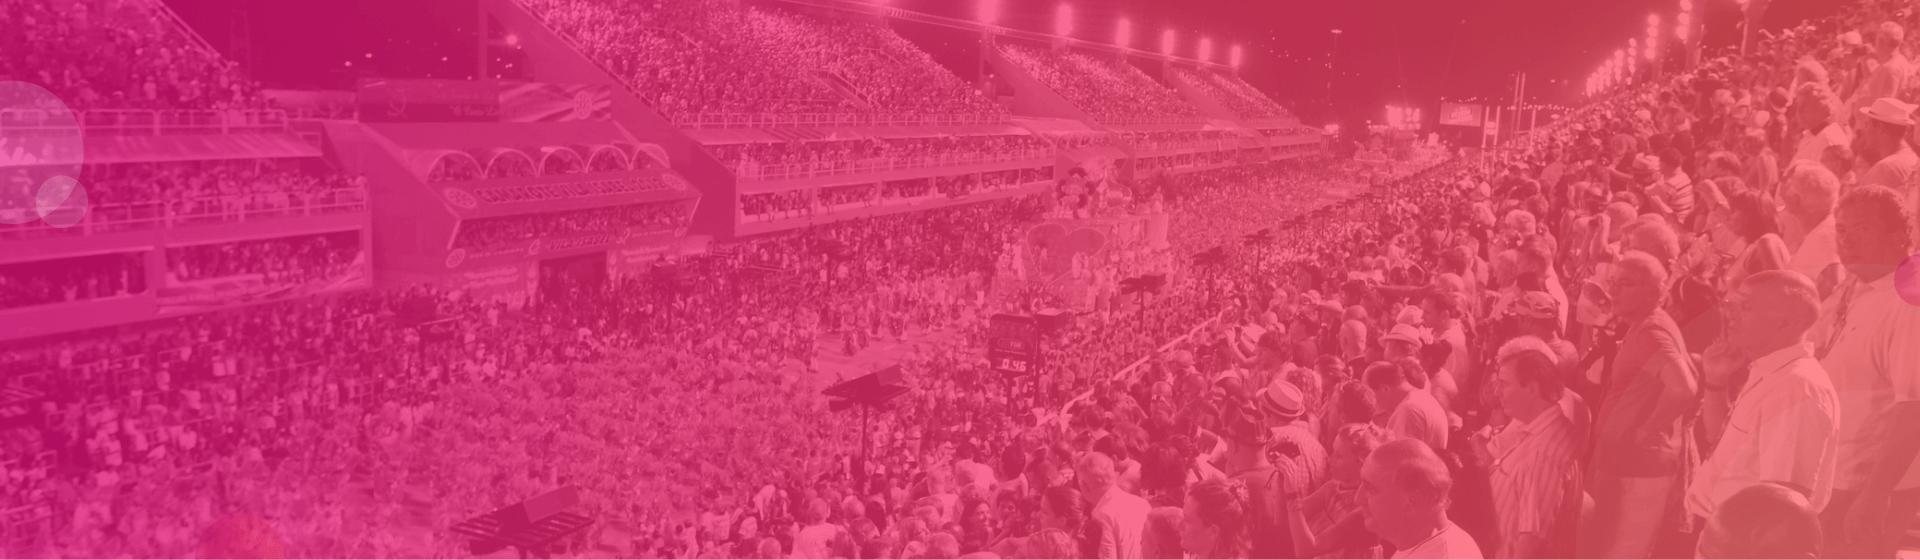 Biglietti per la Parata di Samba al Carnevale Brasiliano